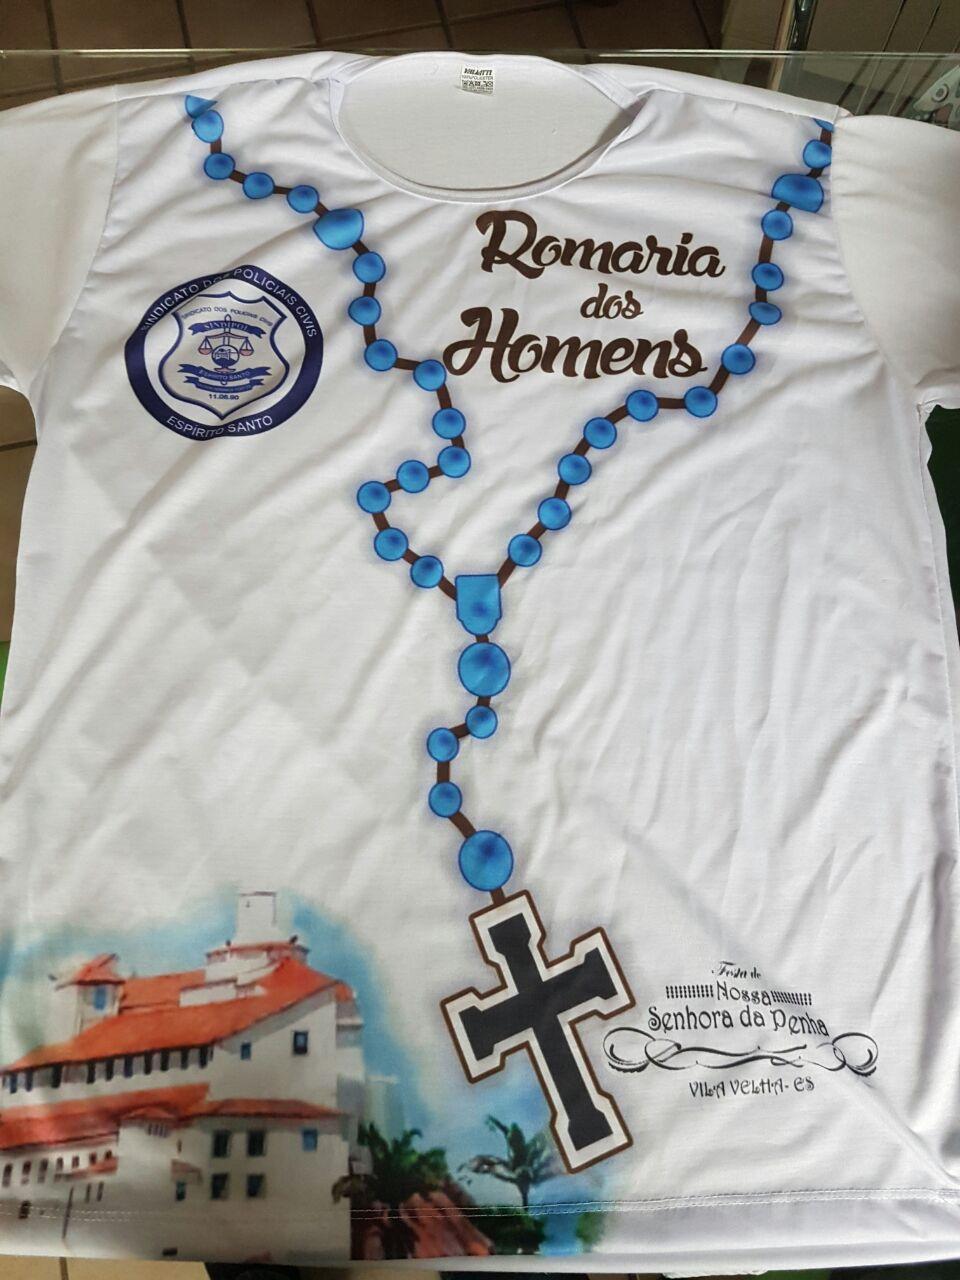 camisa romaria